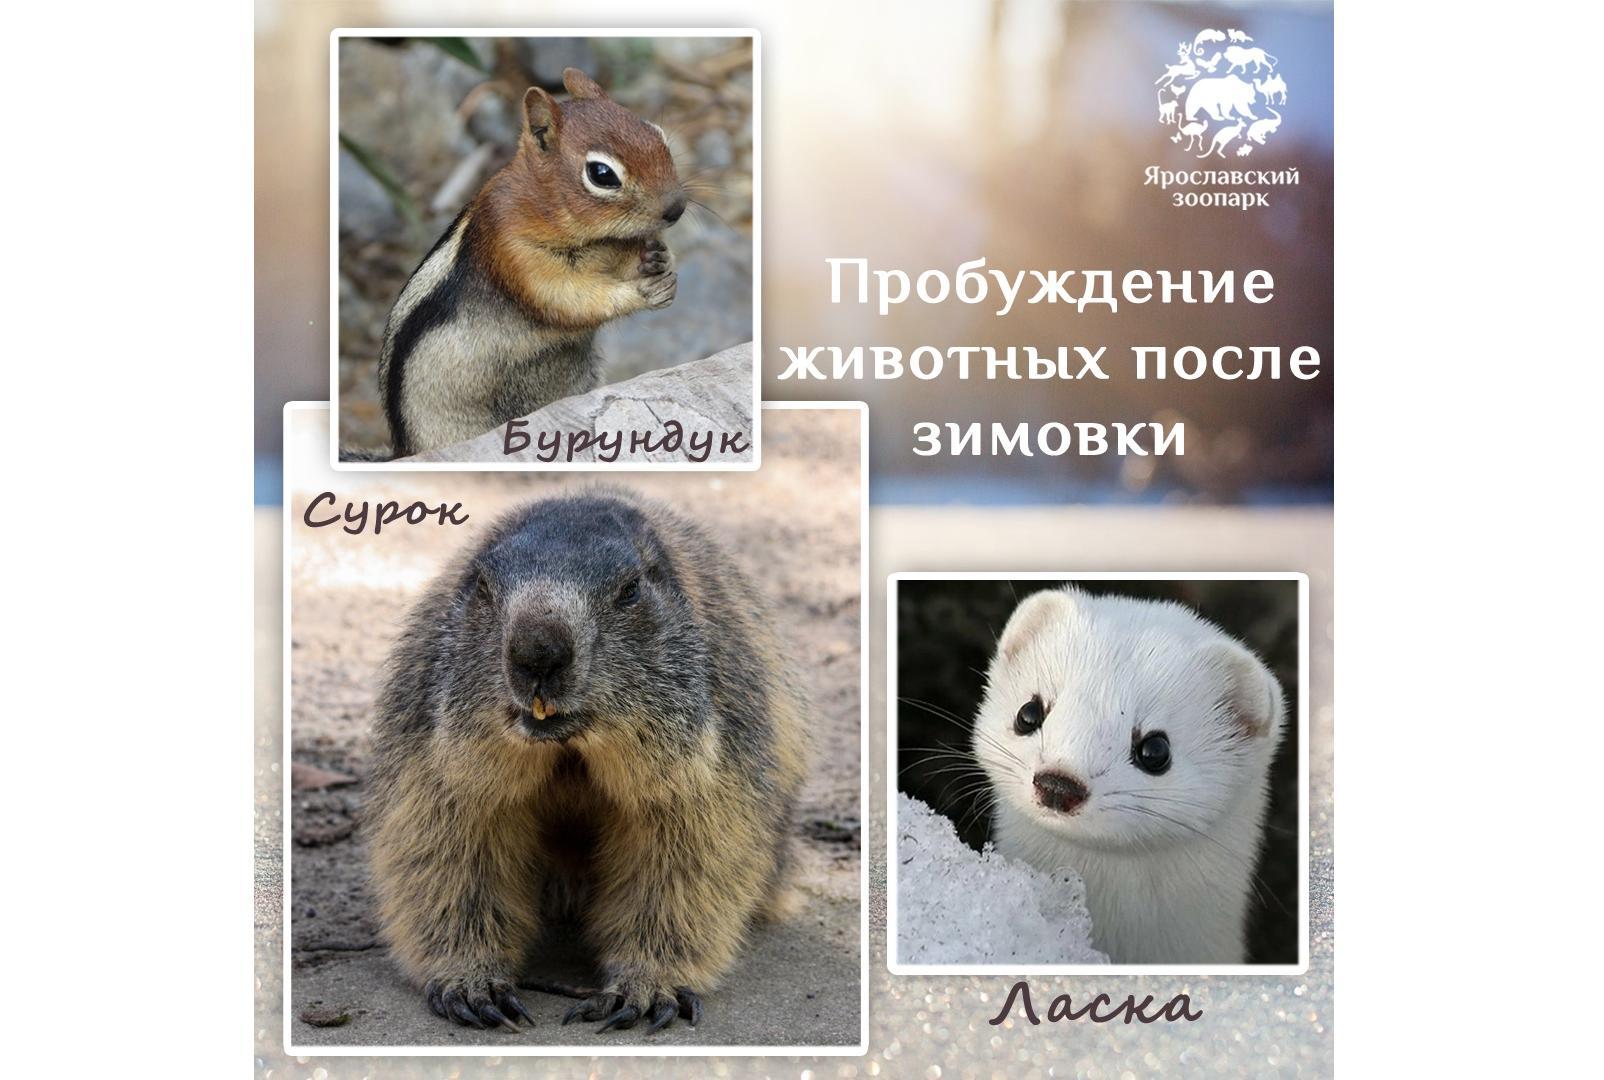 Сурок, бурундук и ласка стали предвестниками весны в Ярославском зоопарке